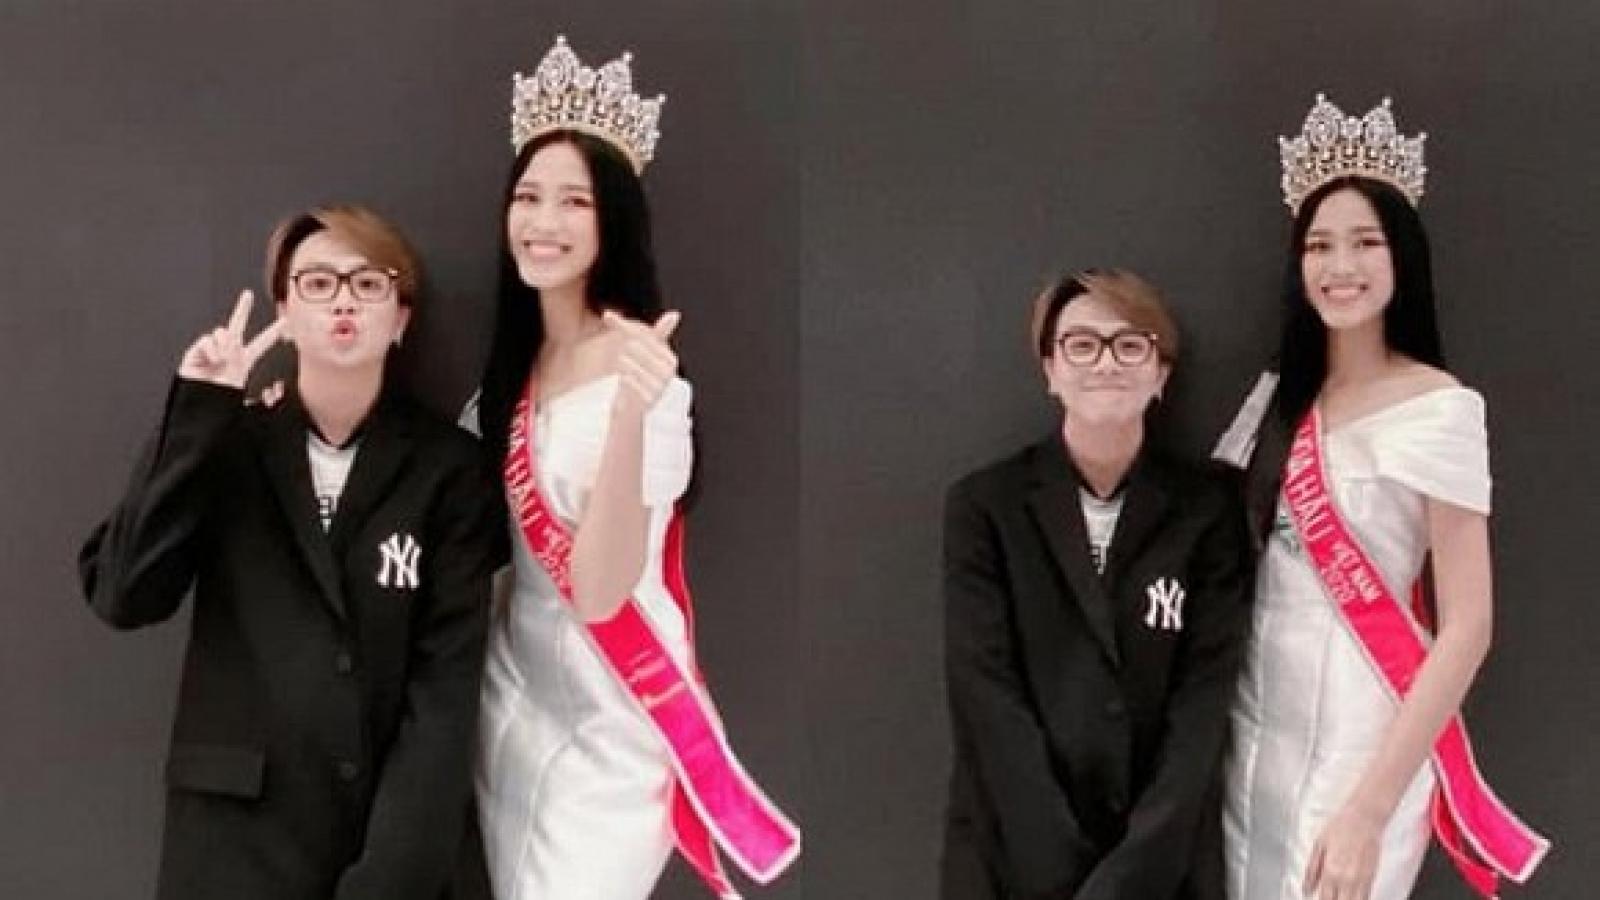 Chuyện showbiz: Hoa hậu Đỗ Thị Hà bị chê nhan sắc sau 10 ngày đăng quang